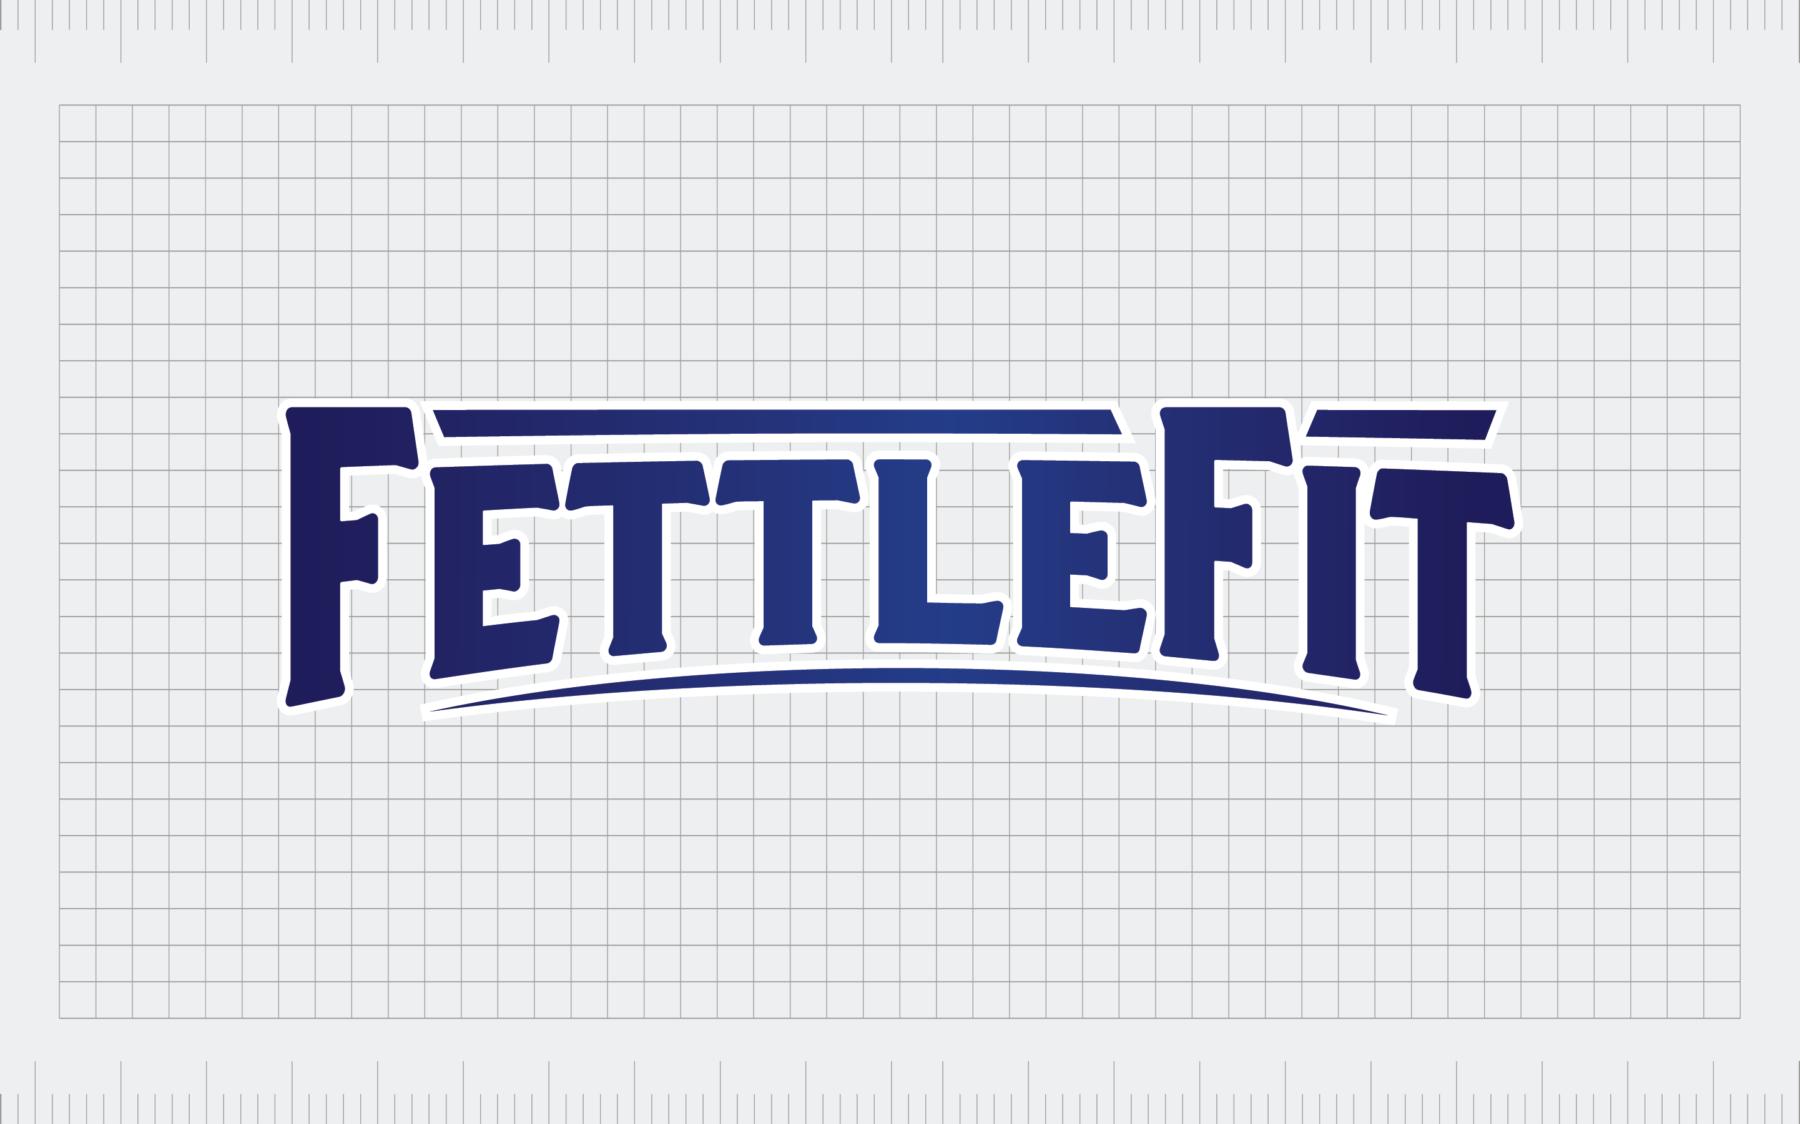 Fettlefit